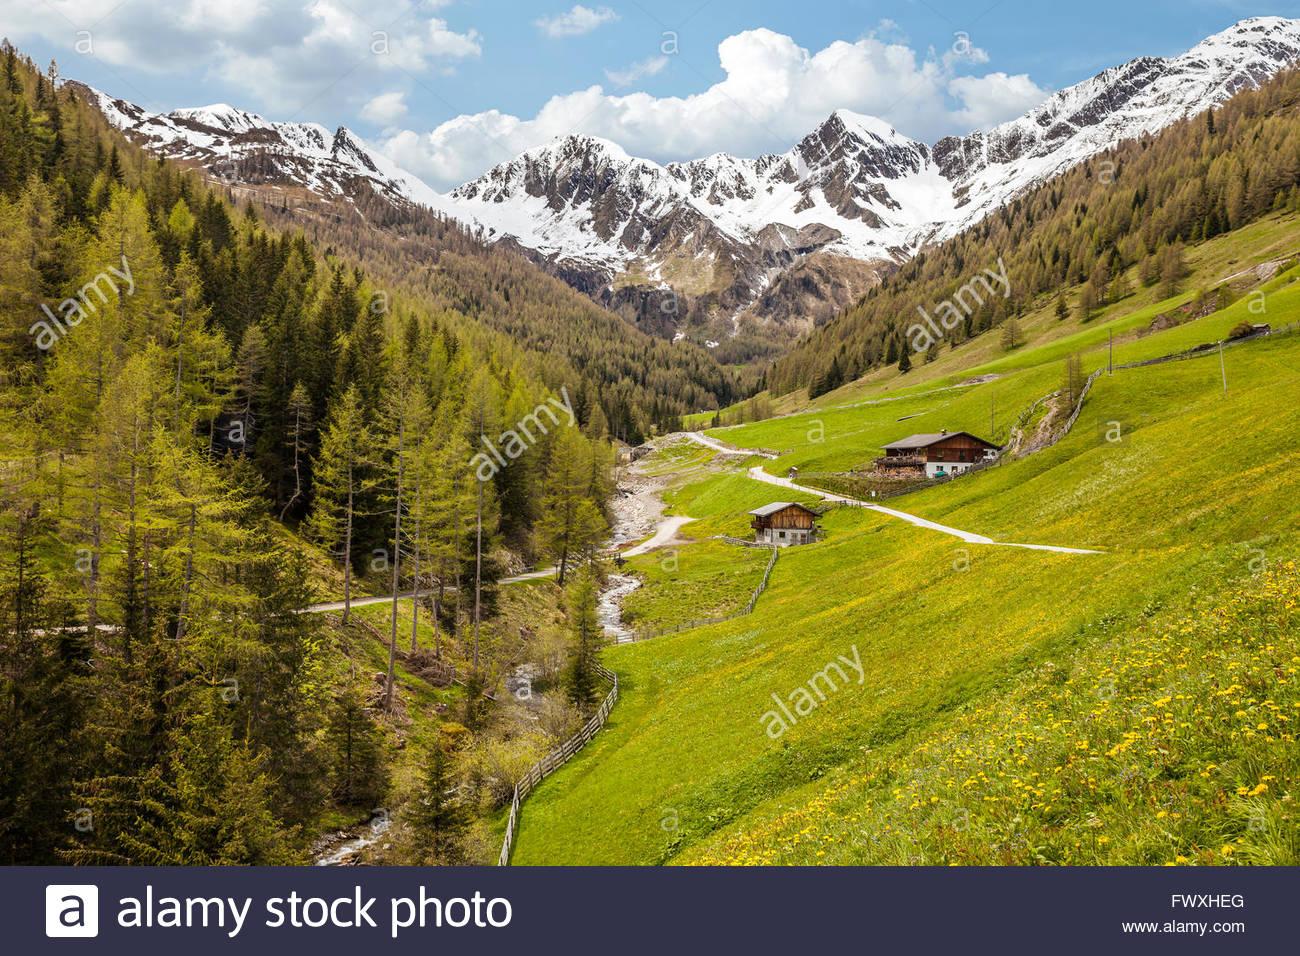 L'Alp à Campo Tures, Tyrol du Sud, Italie Banque D'Images